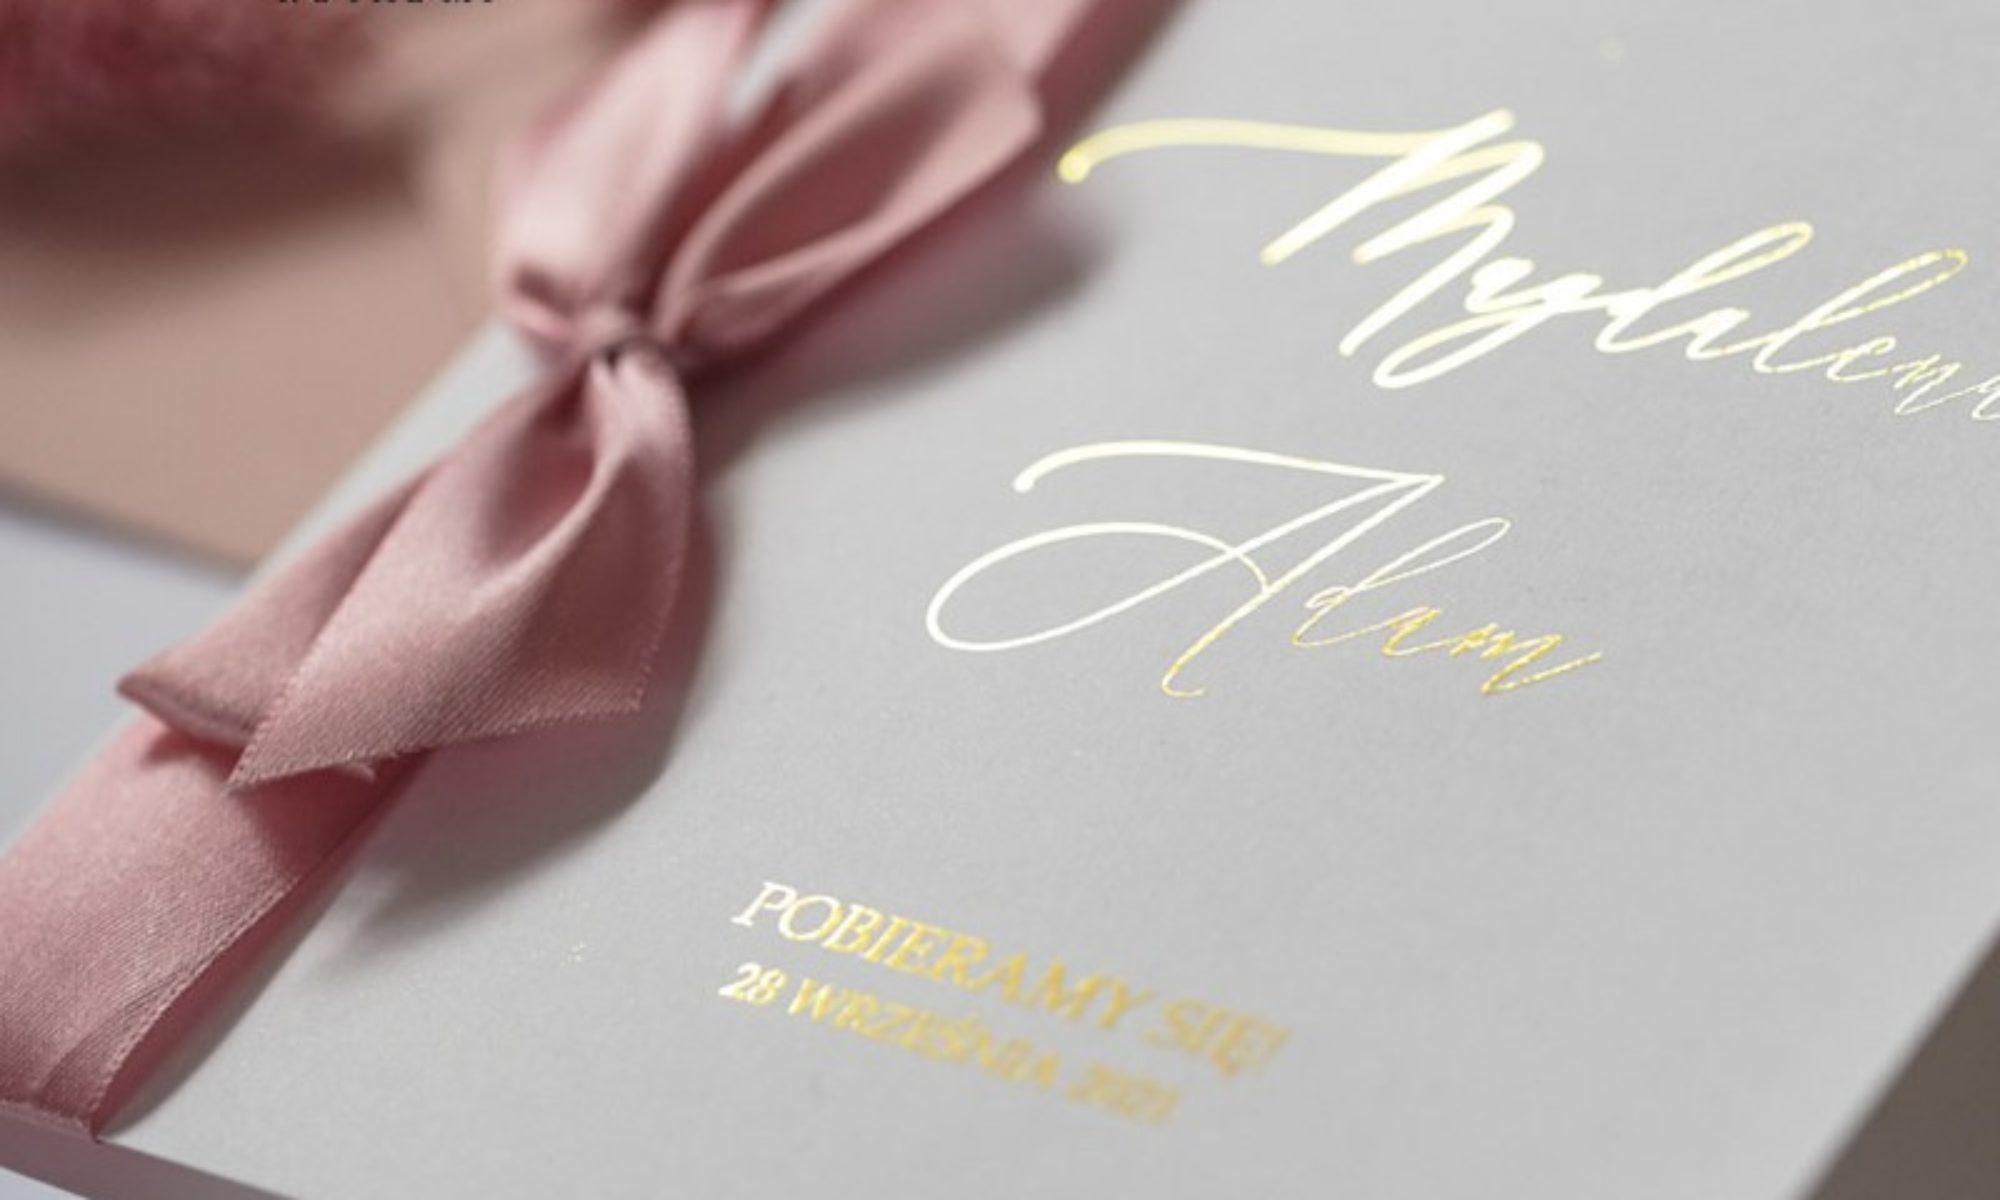 Royal MF - Zajmujemy się tworzeniem zaproszeń na każdą okazję.